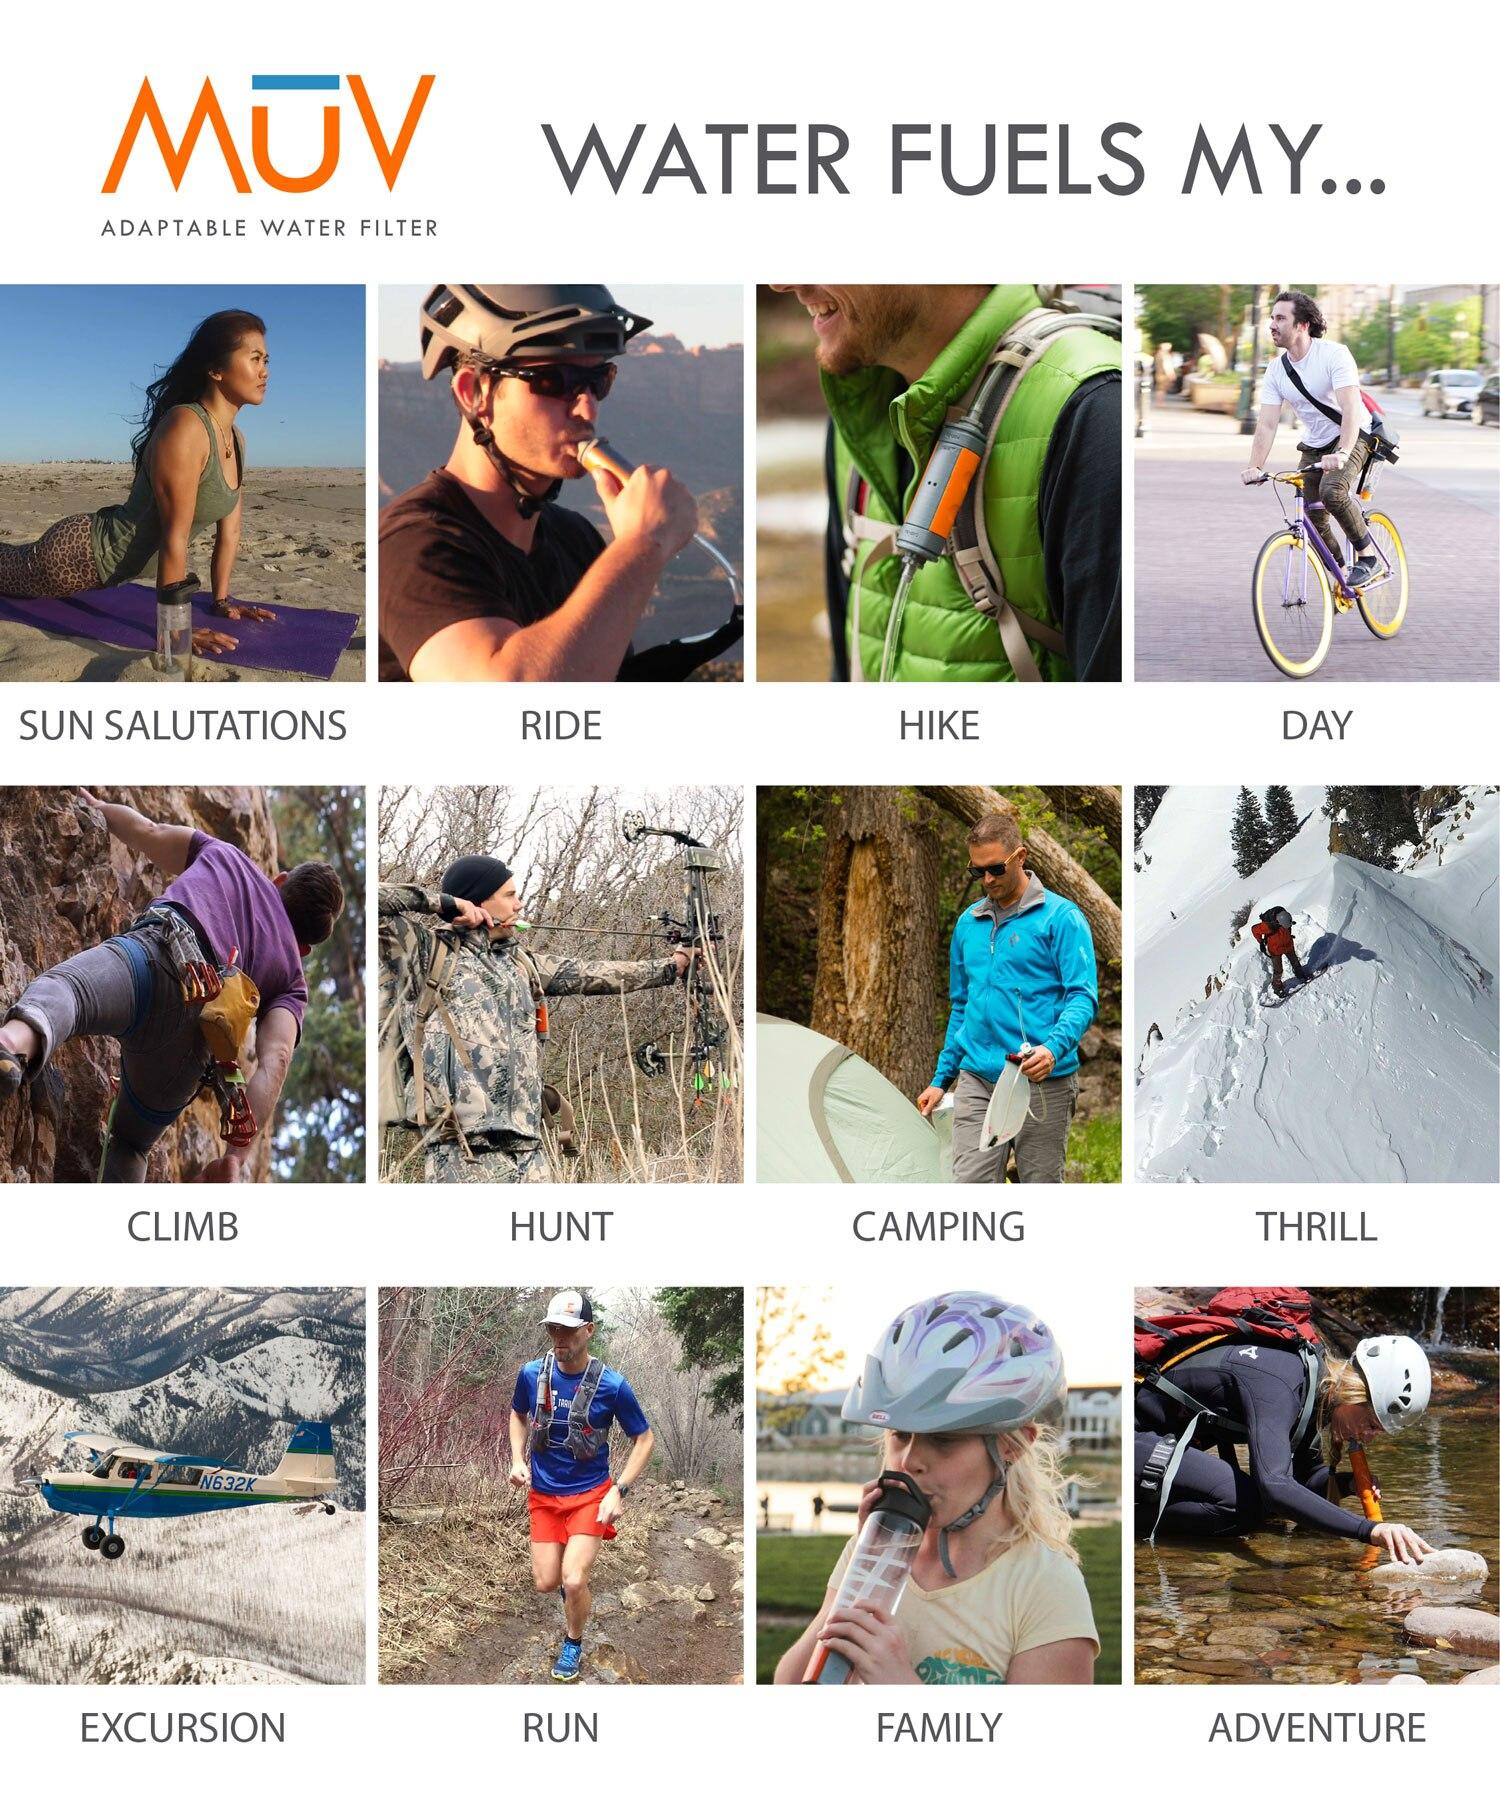 water-fuels-my.jpg